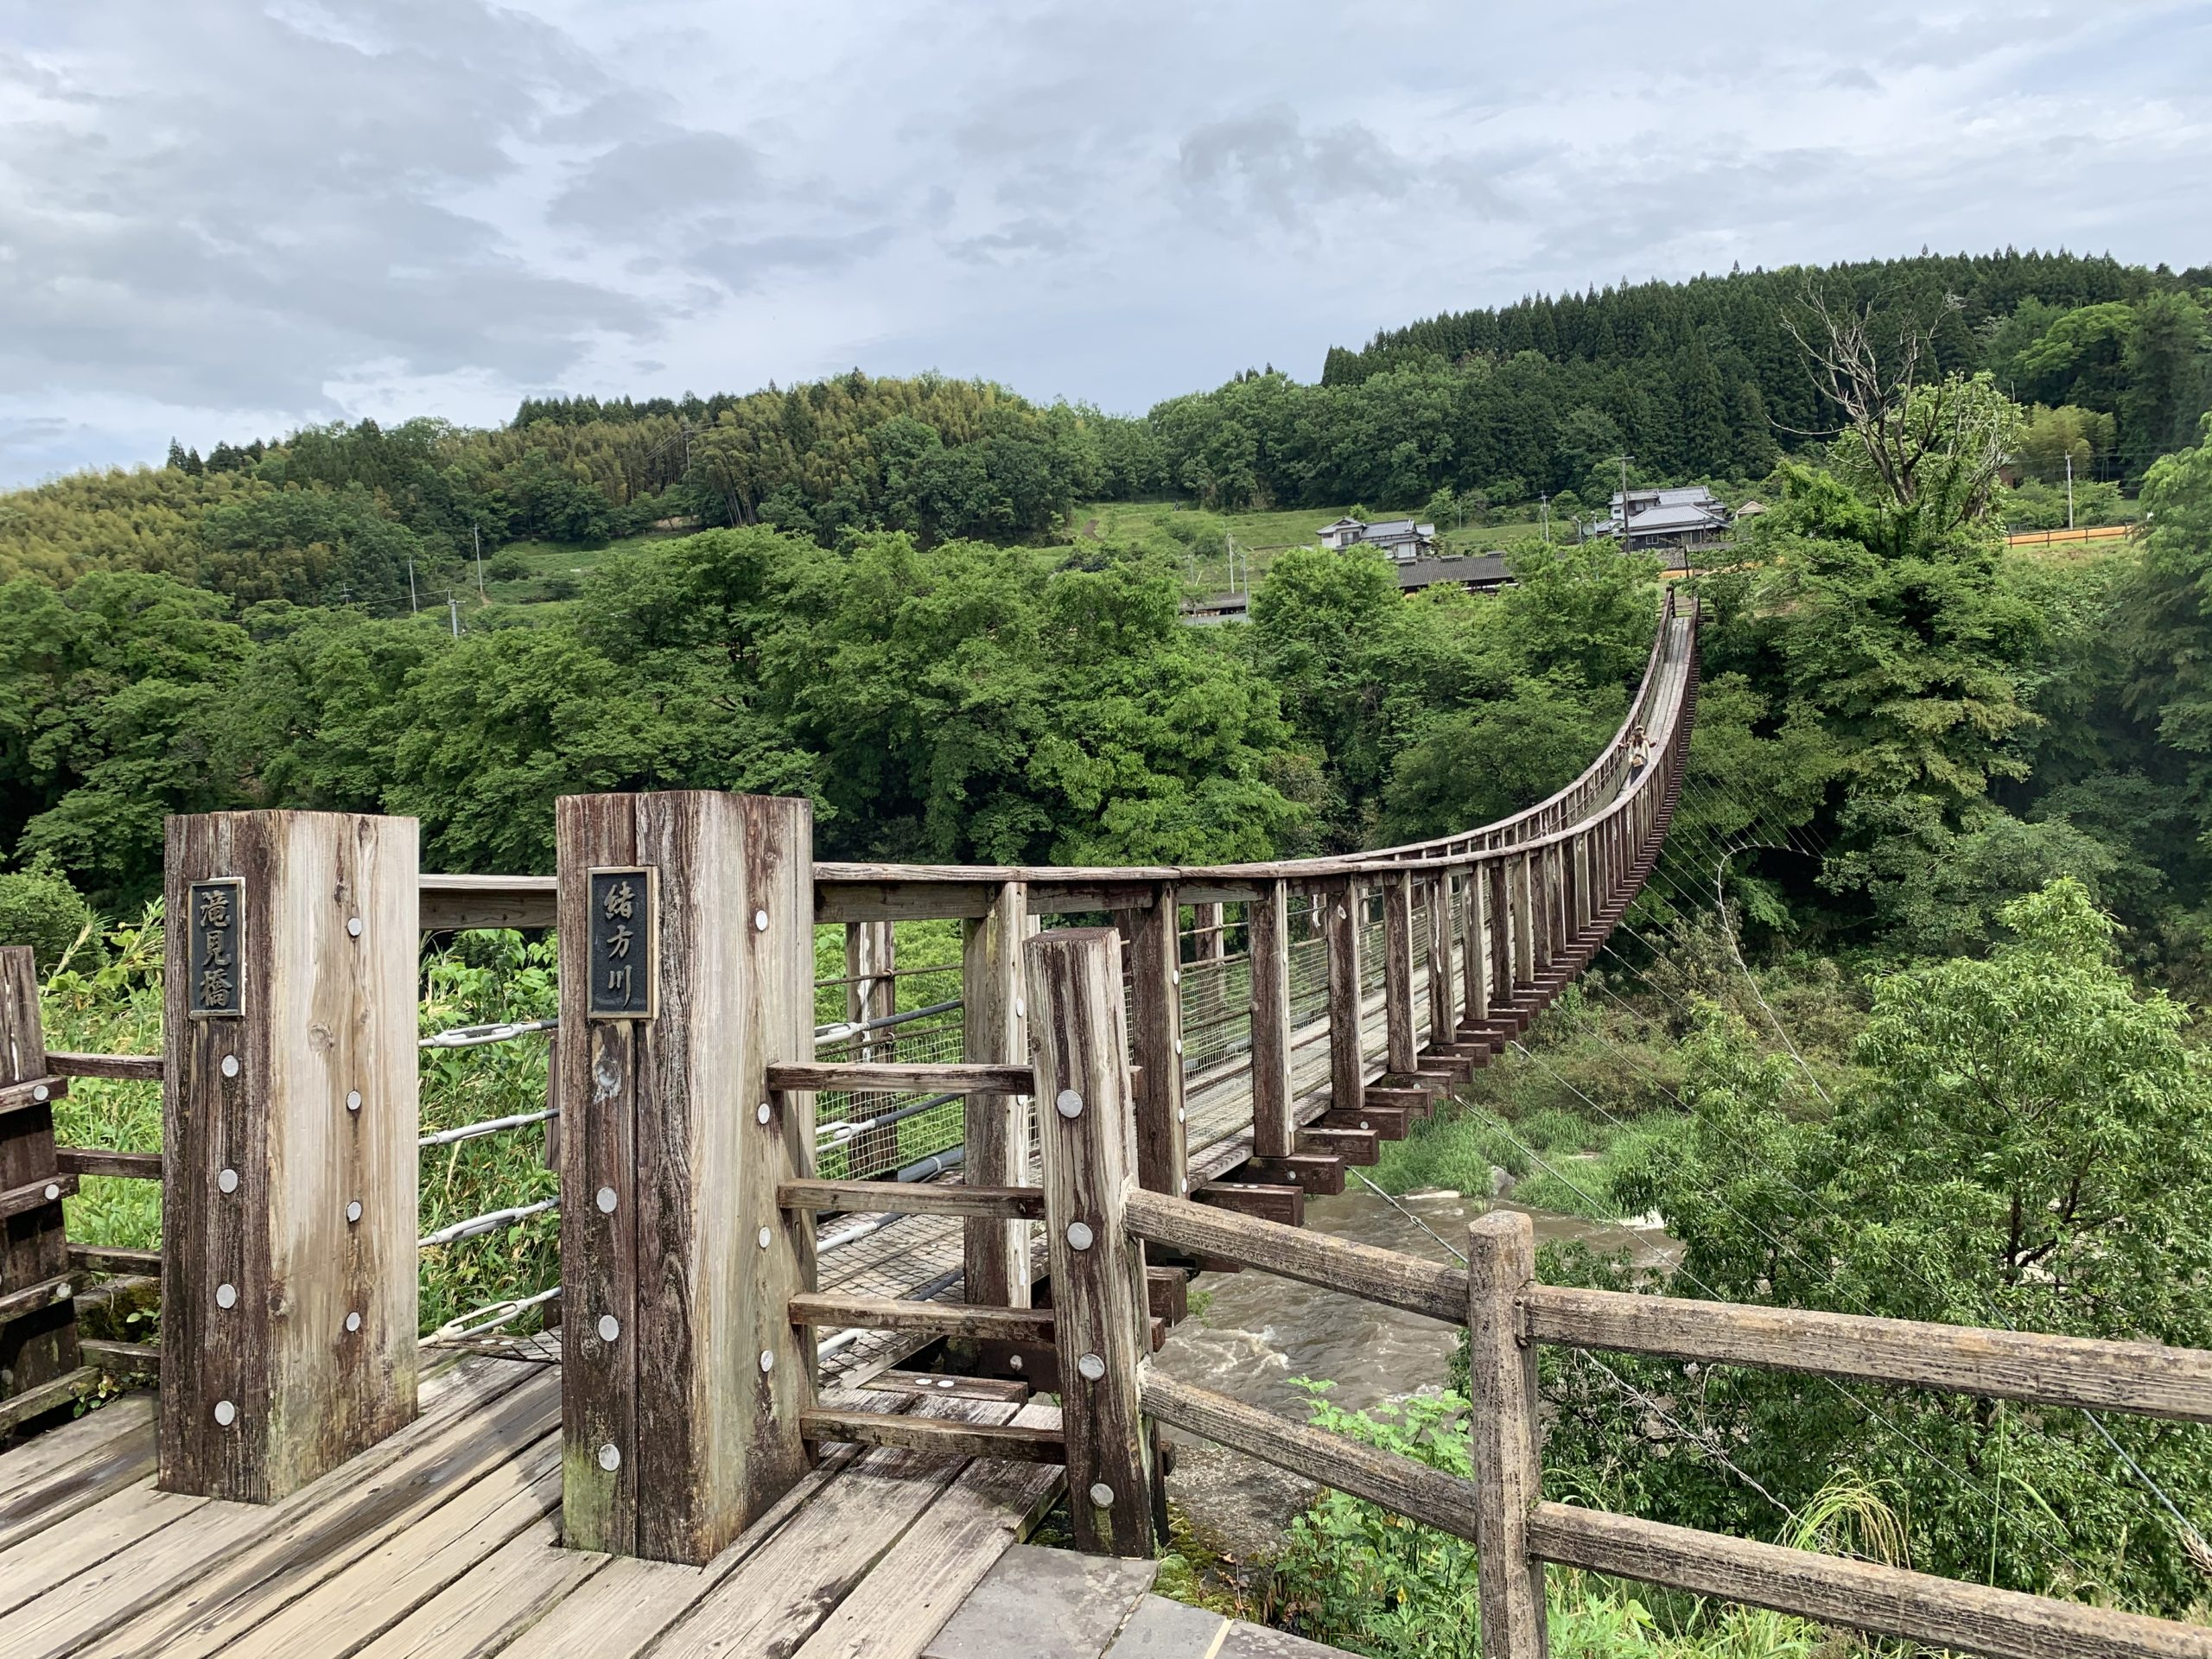 2020.05.29 【光の森】大分県 原尻の滝に行って来ました!